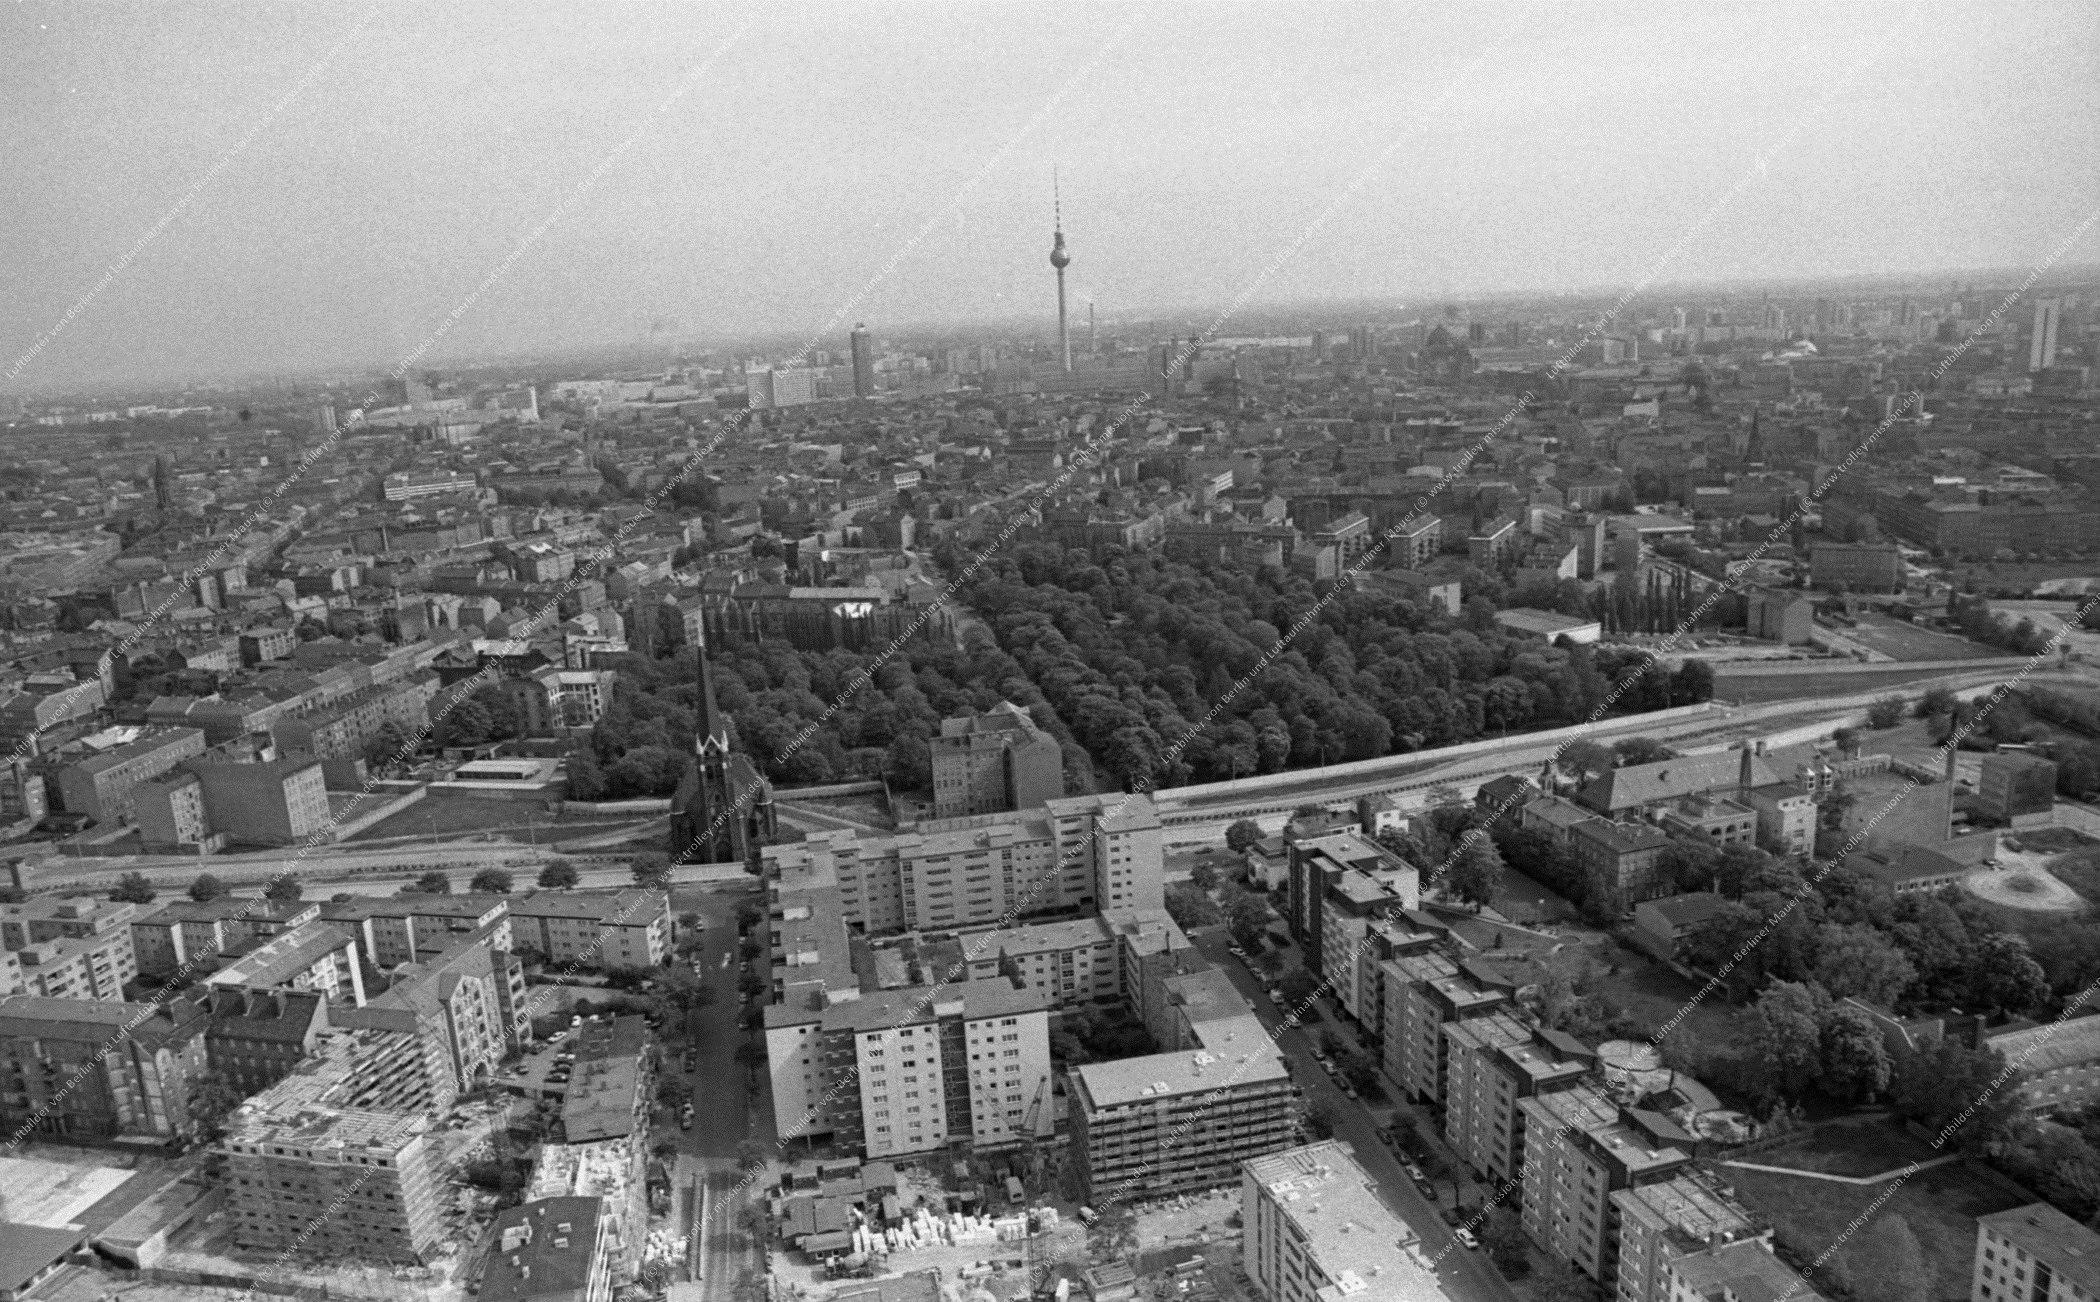 Berlin Luftbild der Bernauer Straße mit Versöhnungskirche vom 12. Mai 1982 (Bild 098)